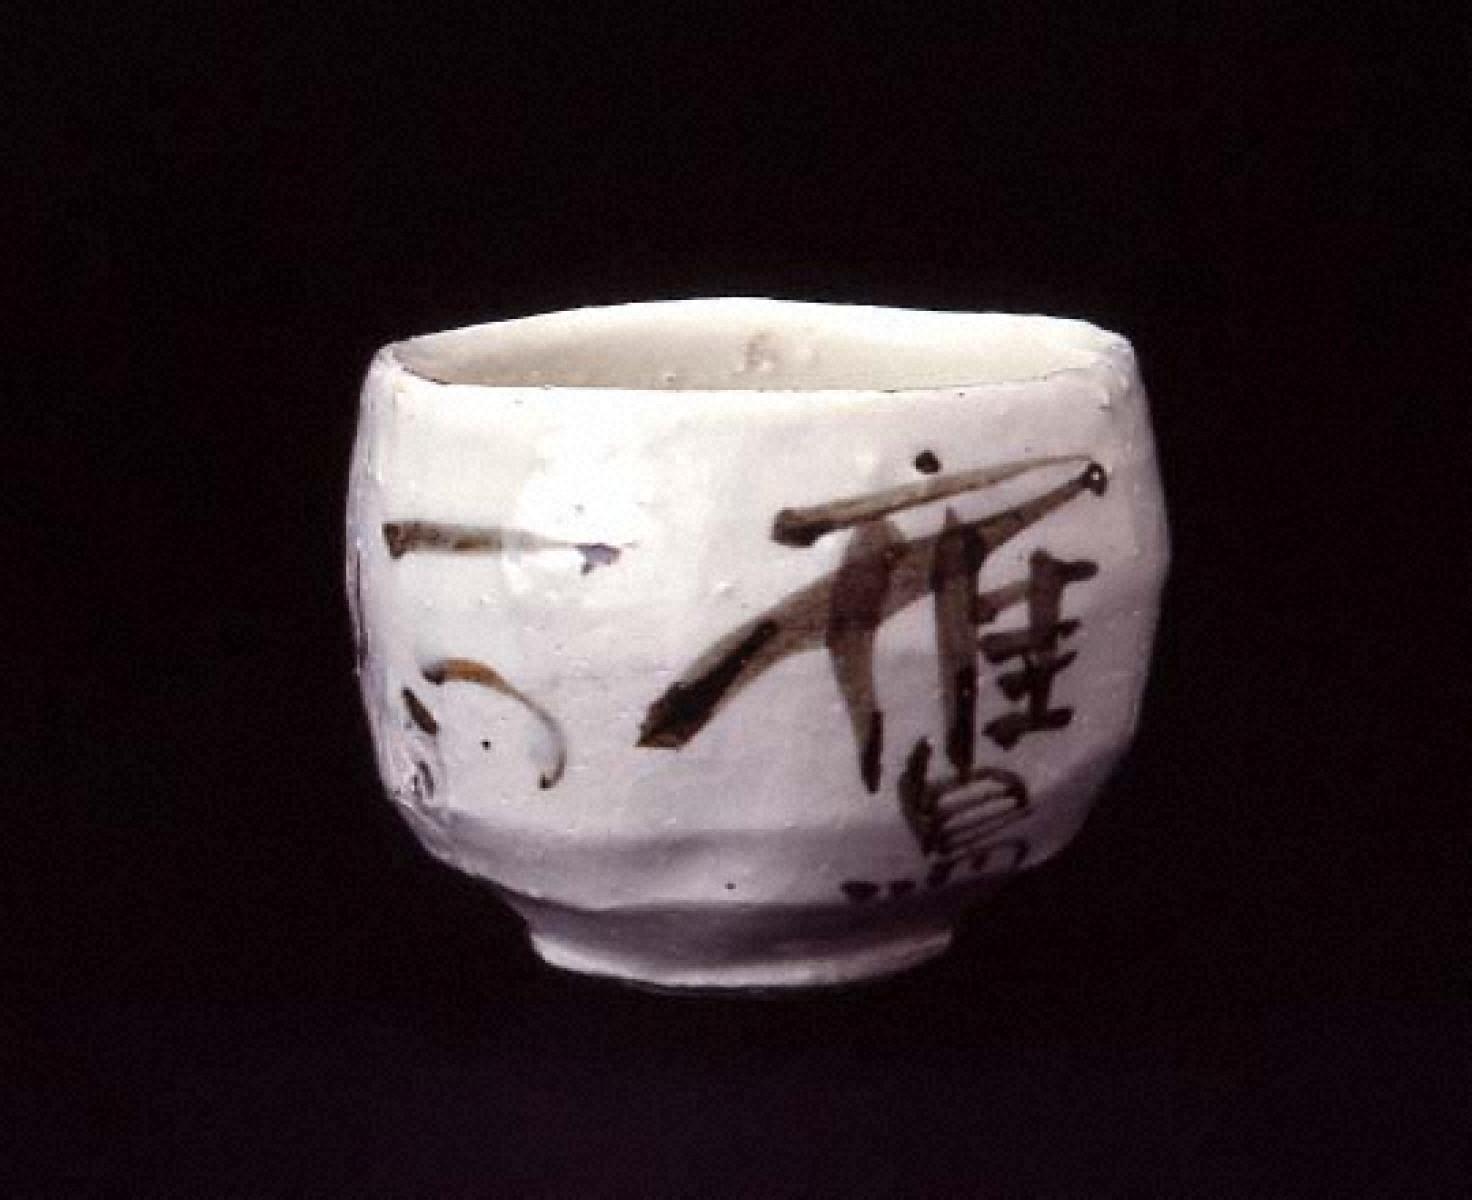 鷗亭題字「鷹一つ」虎渓山唐津風茶碗